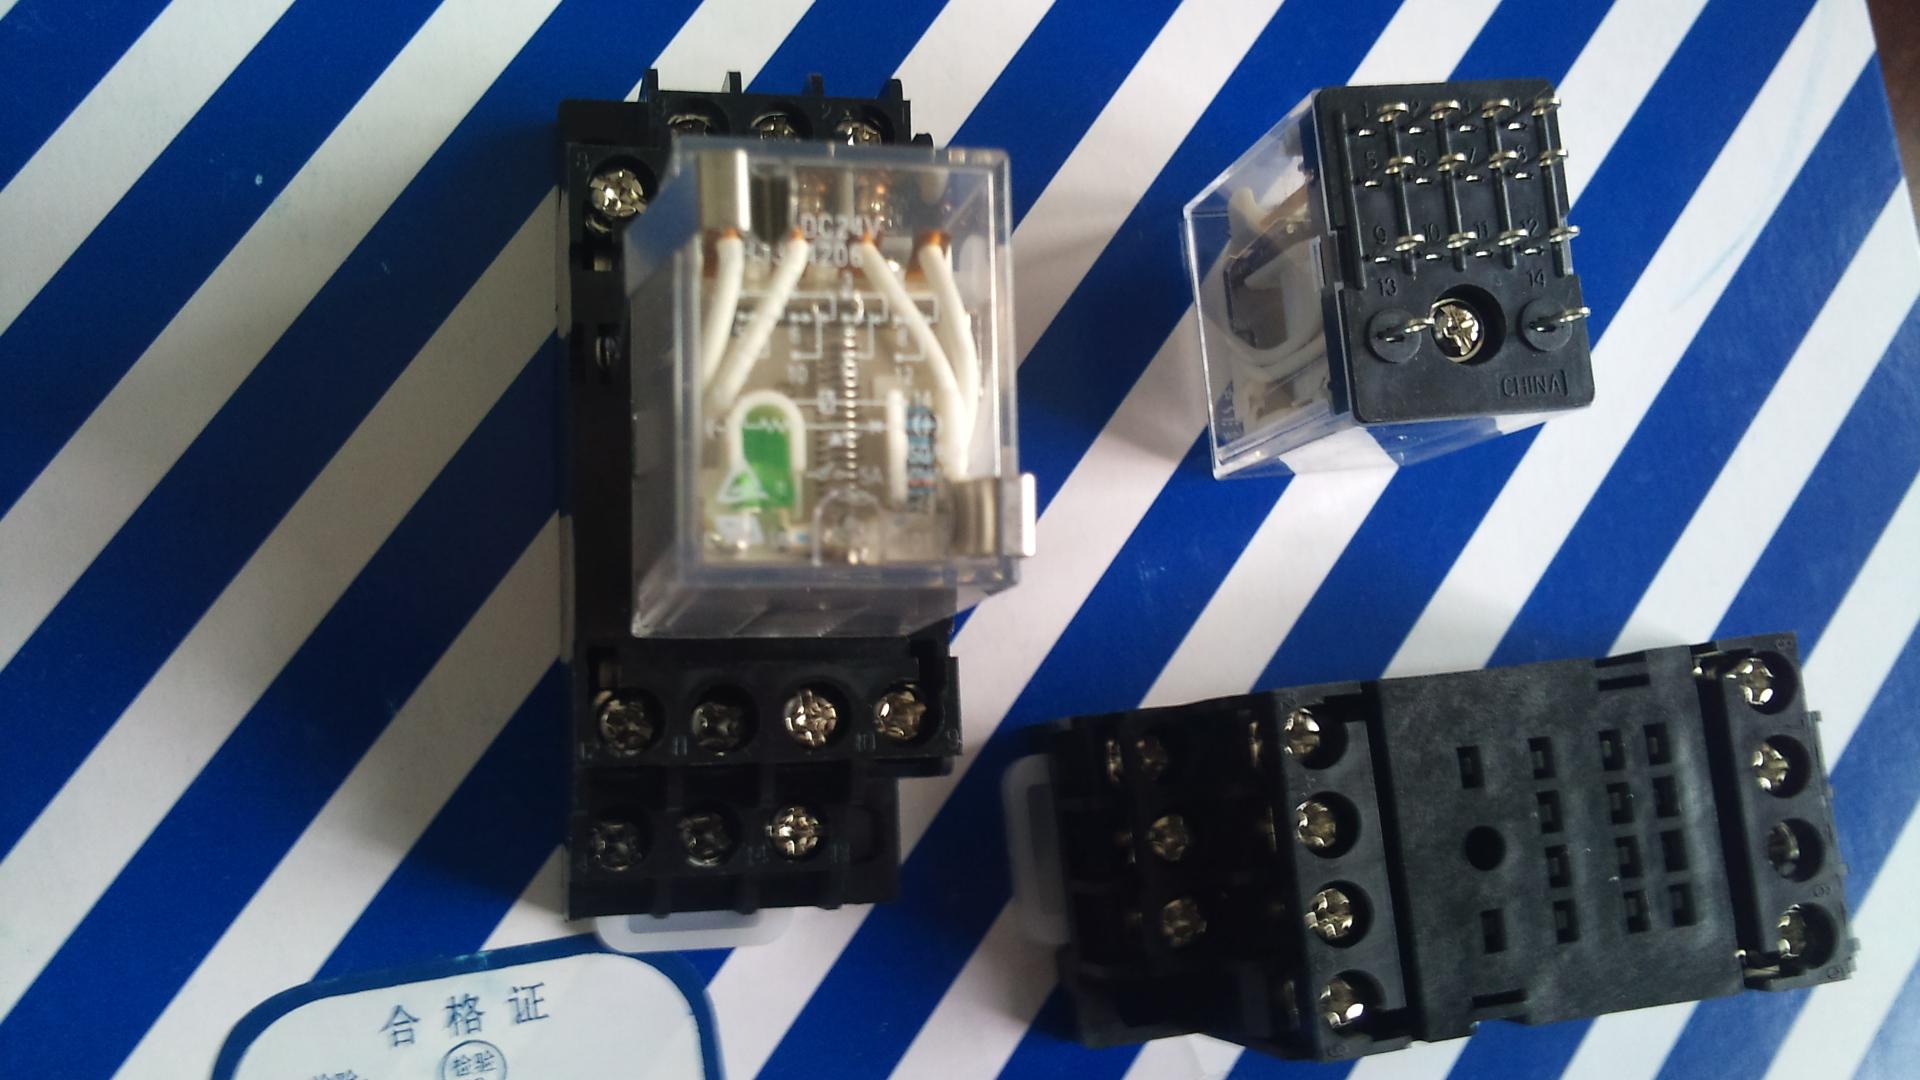 hj继电器/hj继电器端子台_hj继电器,松下hj继电器端子